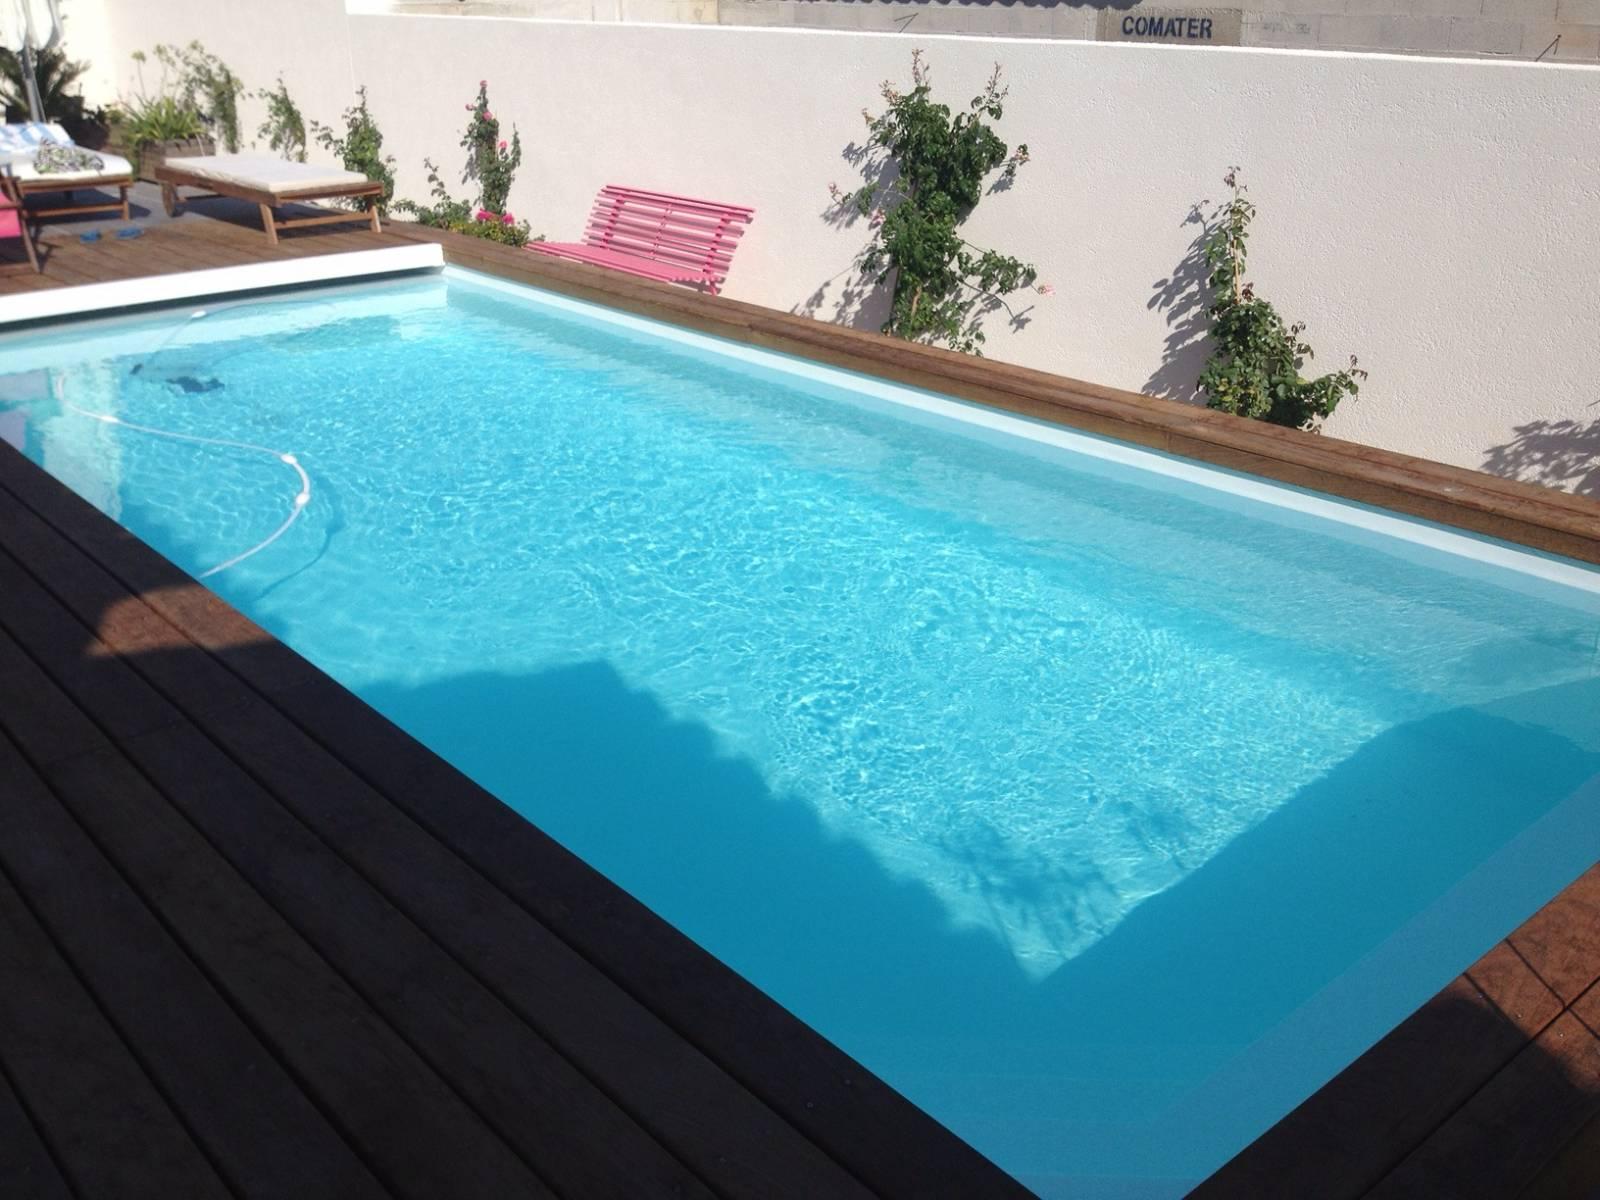 Materiel Piscine La Ciotat construction de piscine avec volet roulant fluidra et